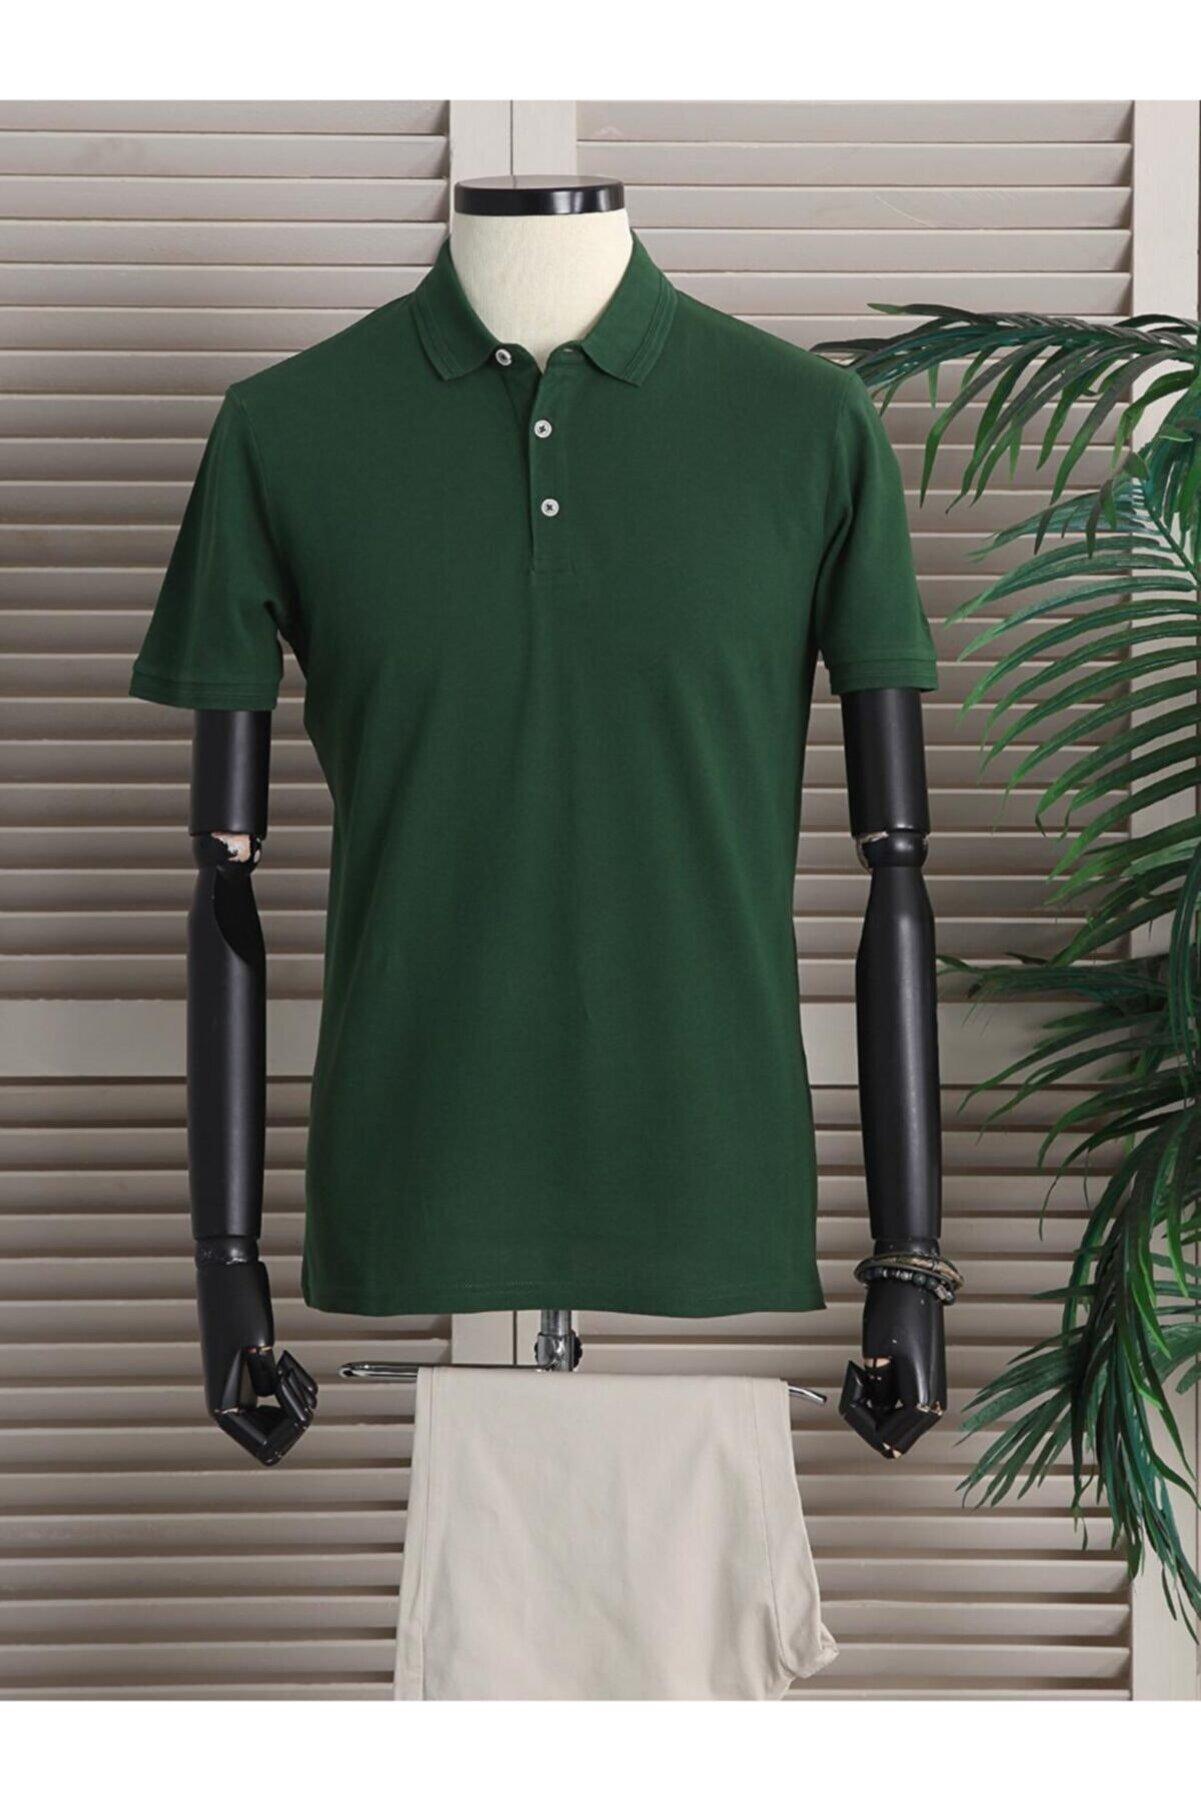 Kip Erkek Yeşil Yakalı Düz Örme T - Shirt